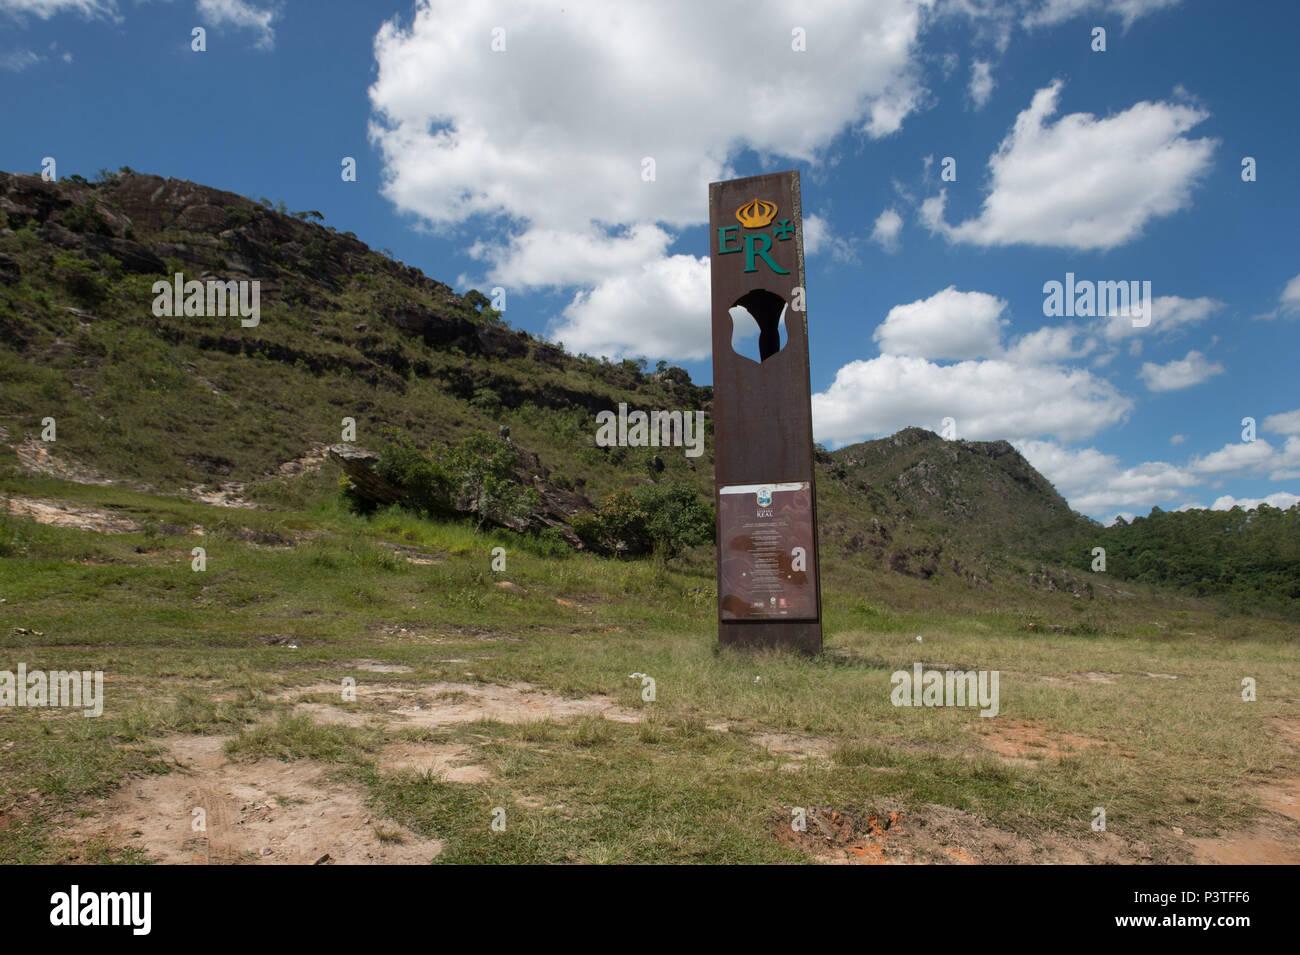 TIRADENTES, MG - 05.01.2016: pontos turisticos TIRADENTES - Totem para marcar que nesta estrada passa un Estrada Real em Santa Cruz. (Foto: Celso Pupo / Fotoarena) Foto de stock